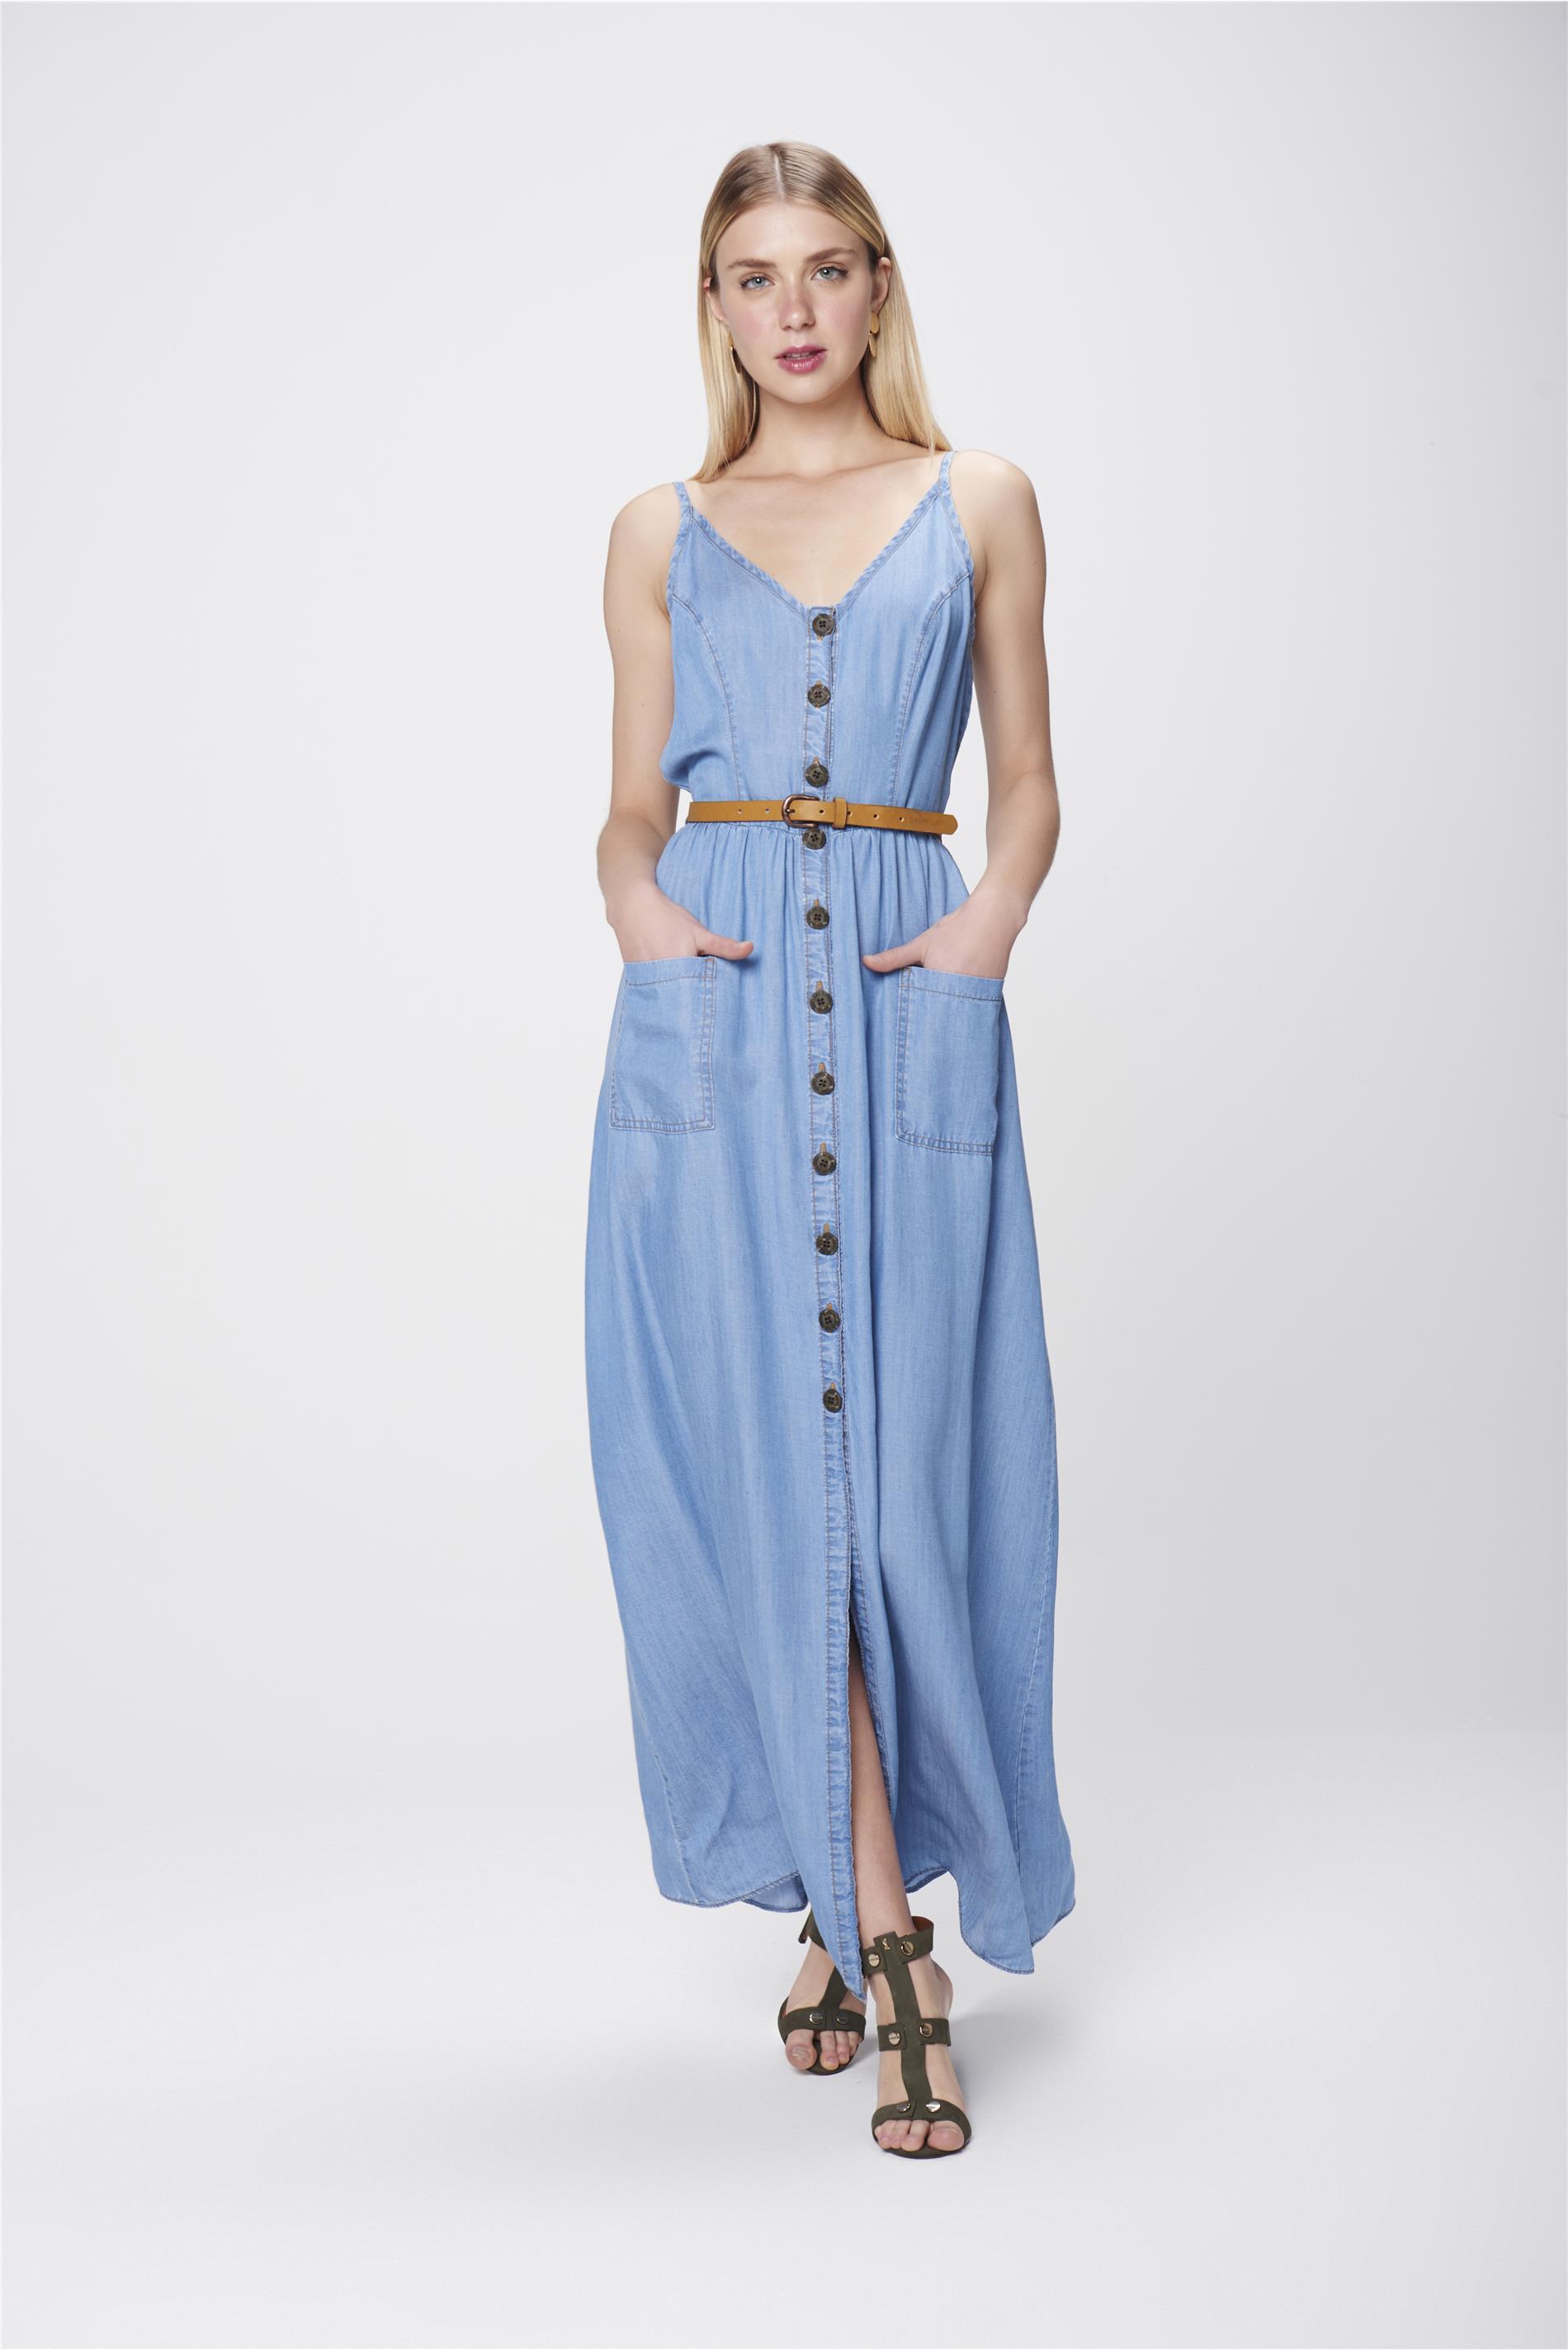 5f9333b46 Vestido Longo Jeans com Cinto - Damyller